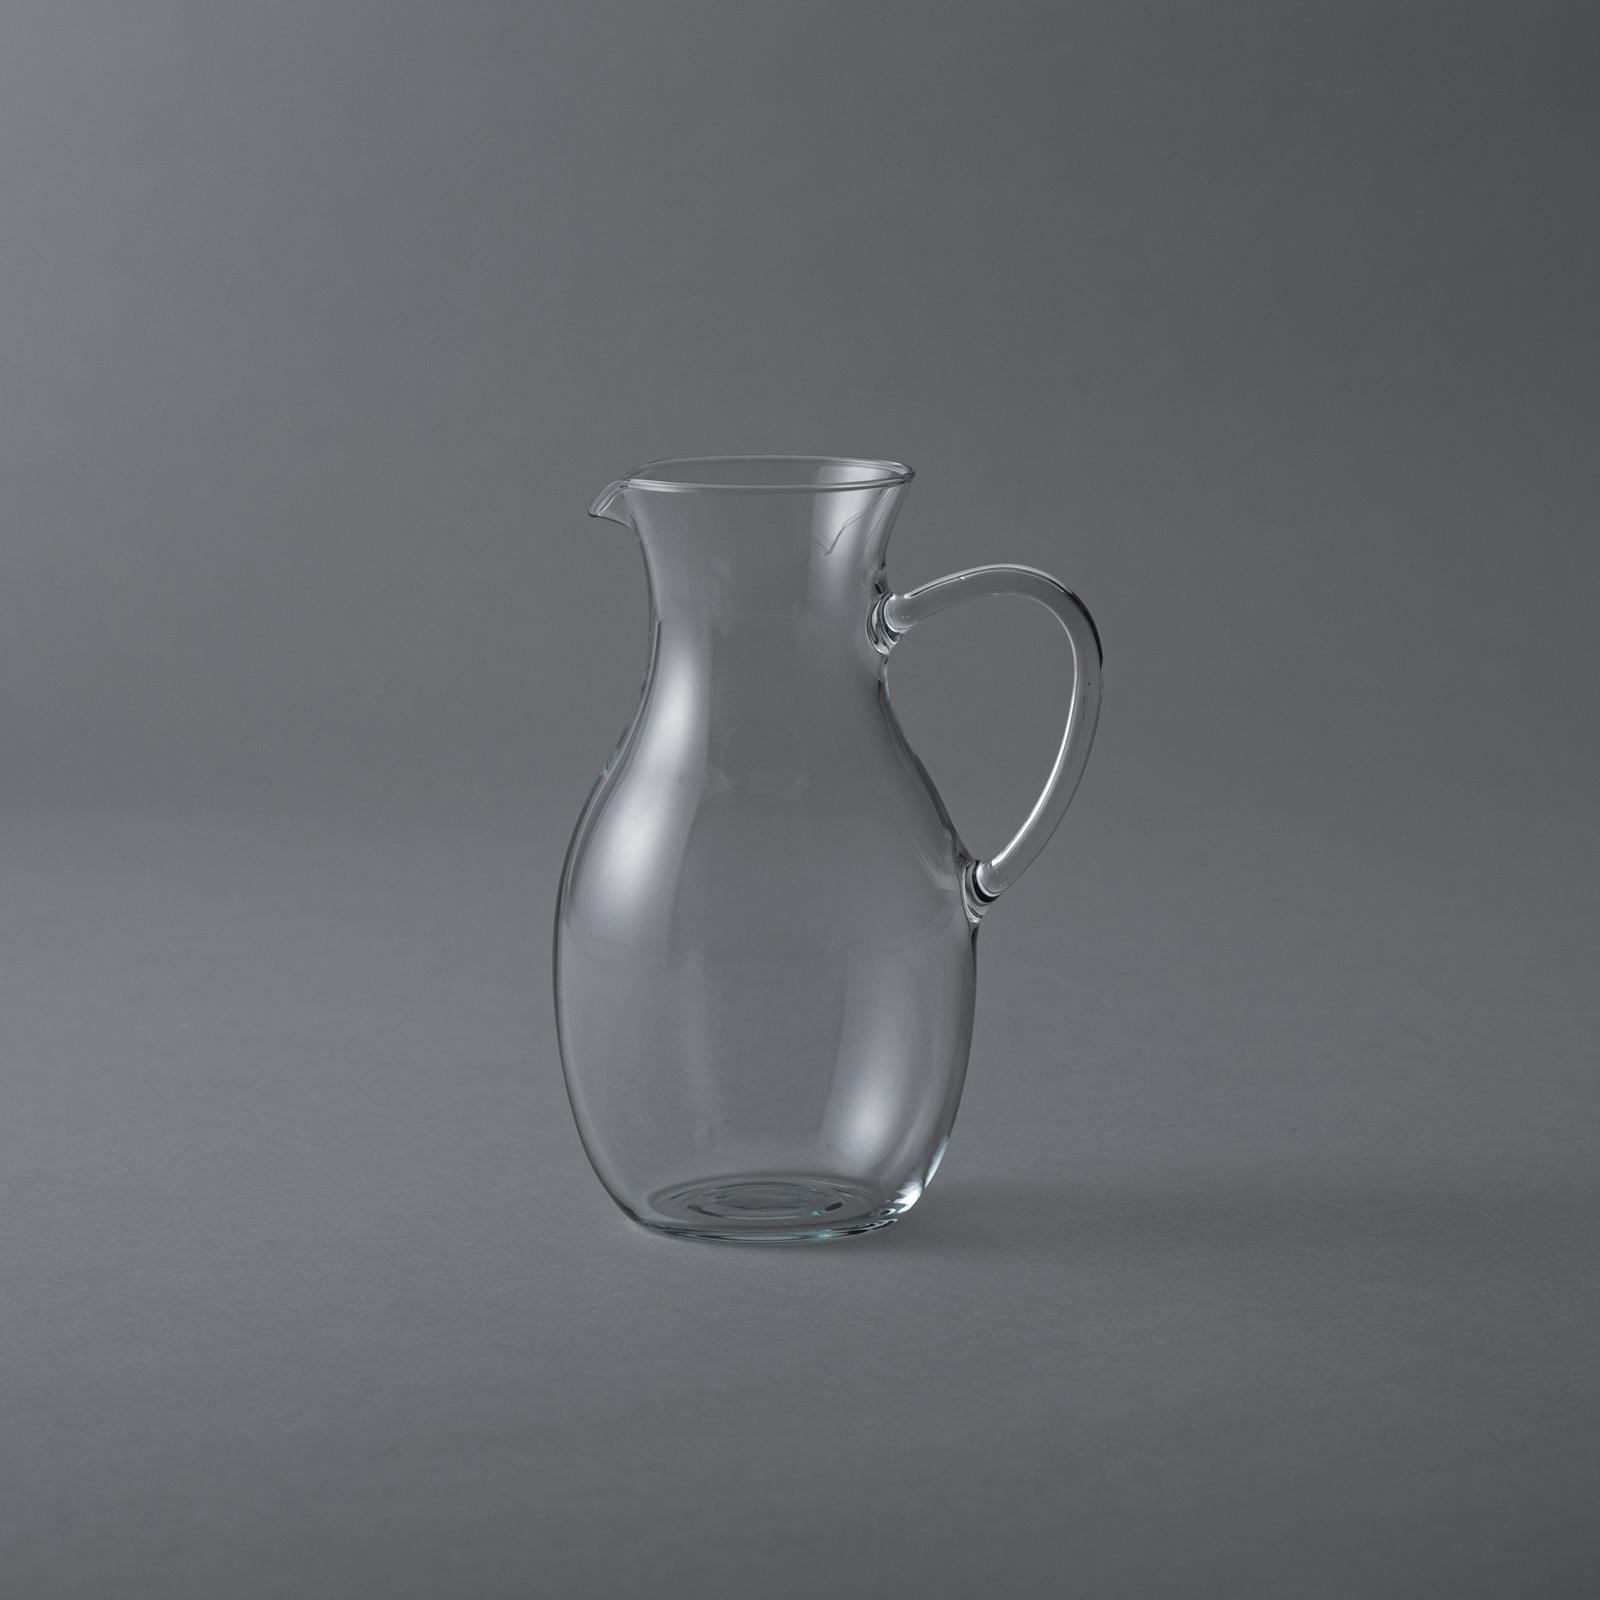 BOHEMIA Cristal _ クラシック / ジャグ(600ml)